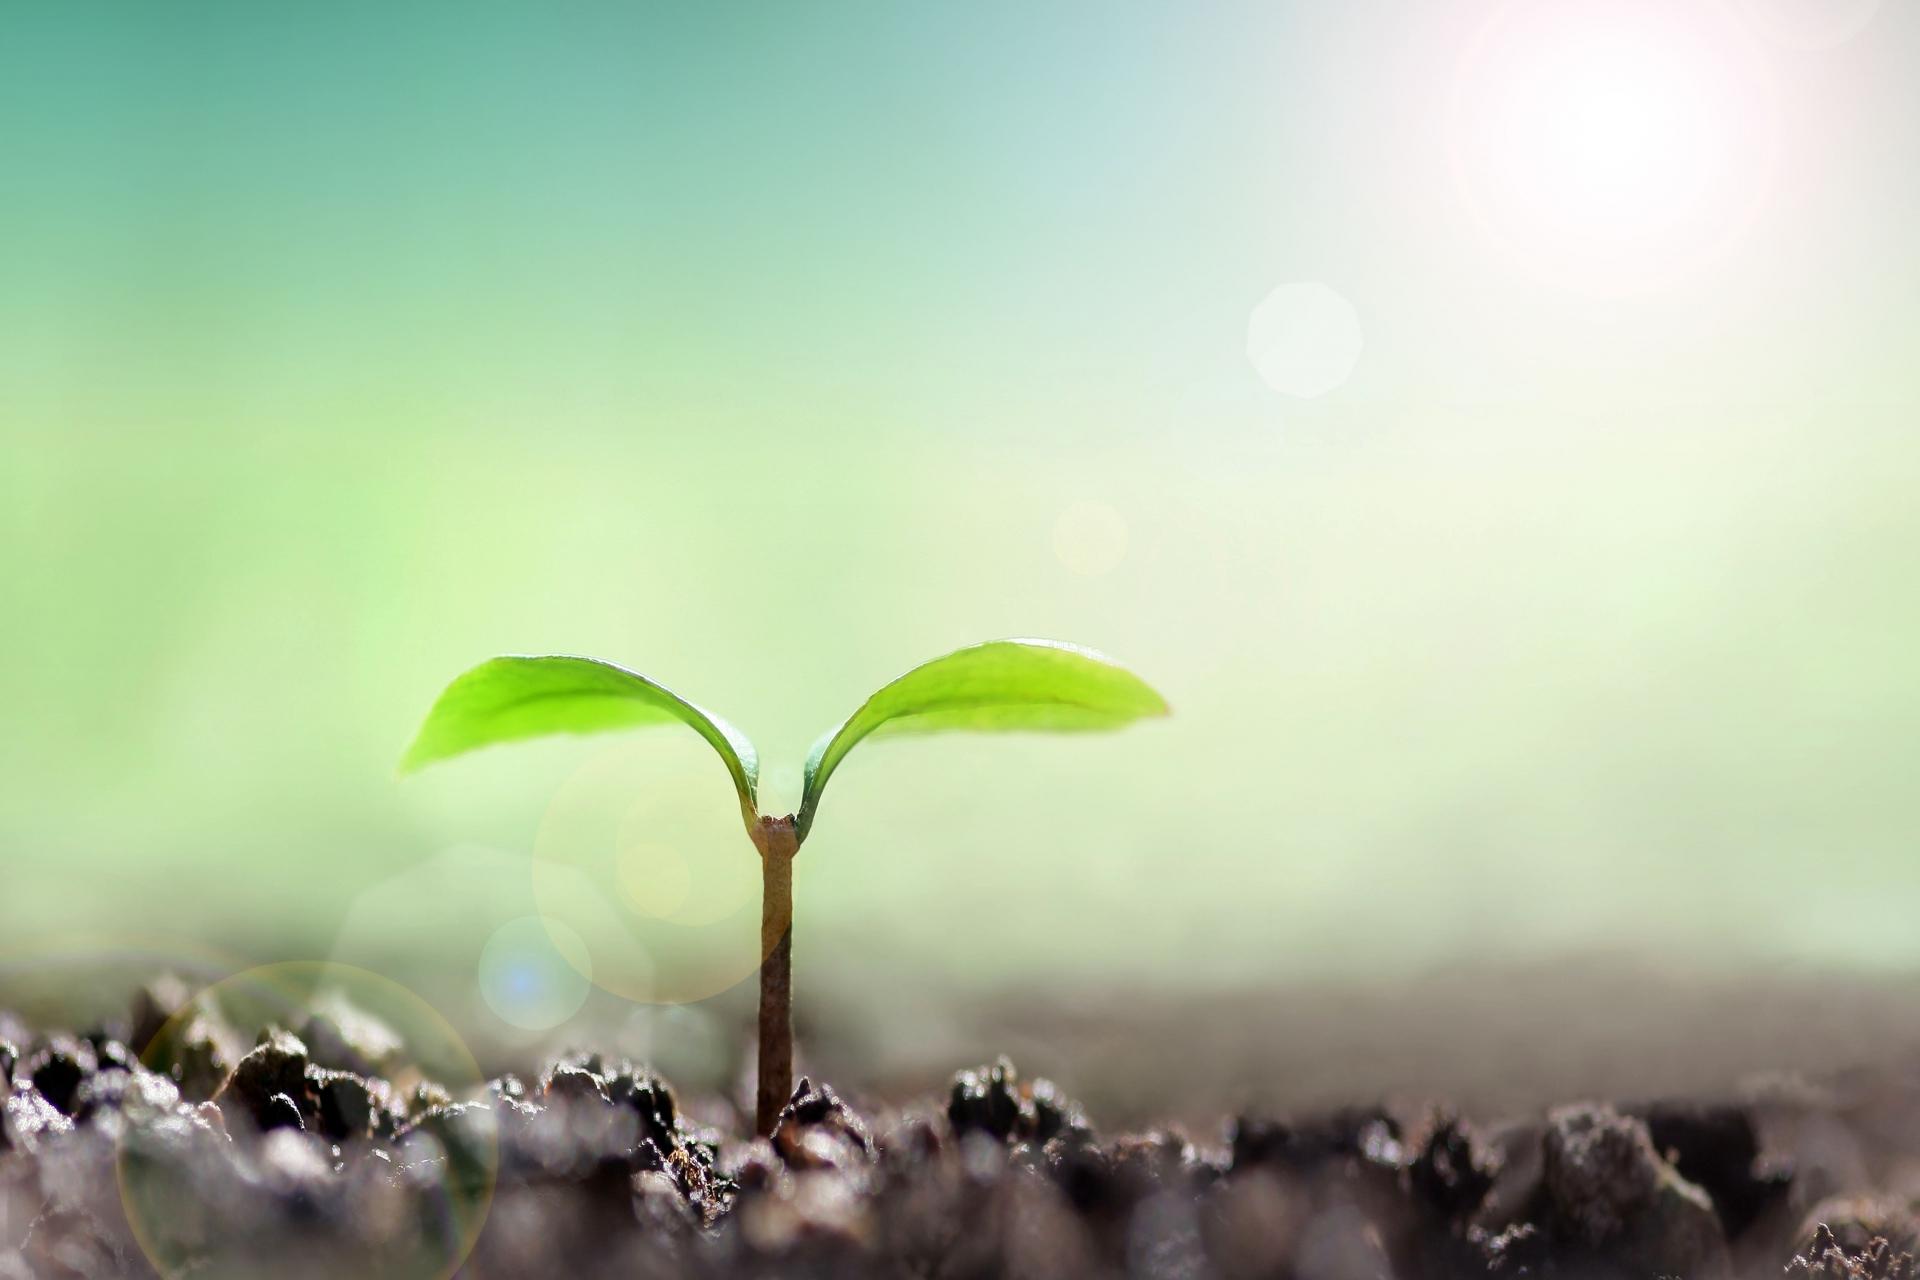 観葉植物を室内で育てる時は『土』で育てることをおすすめします